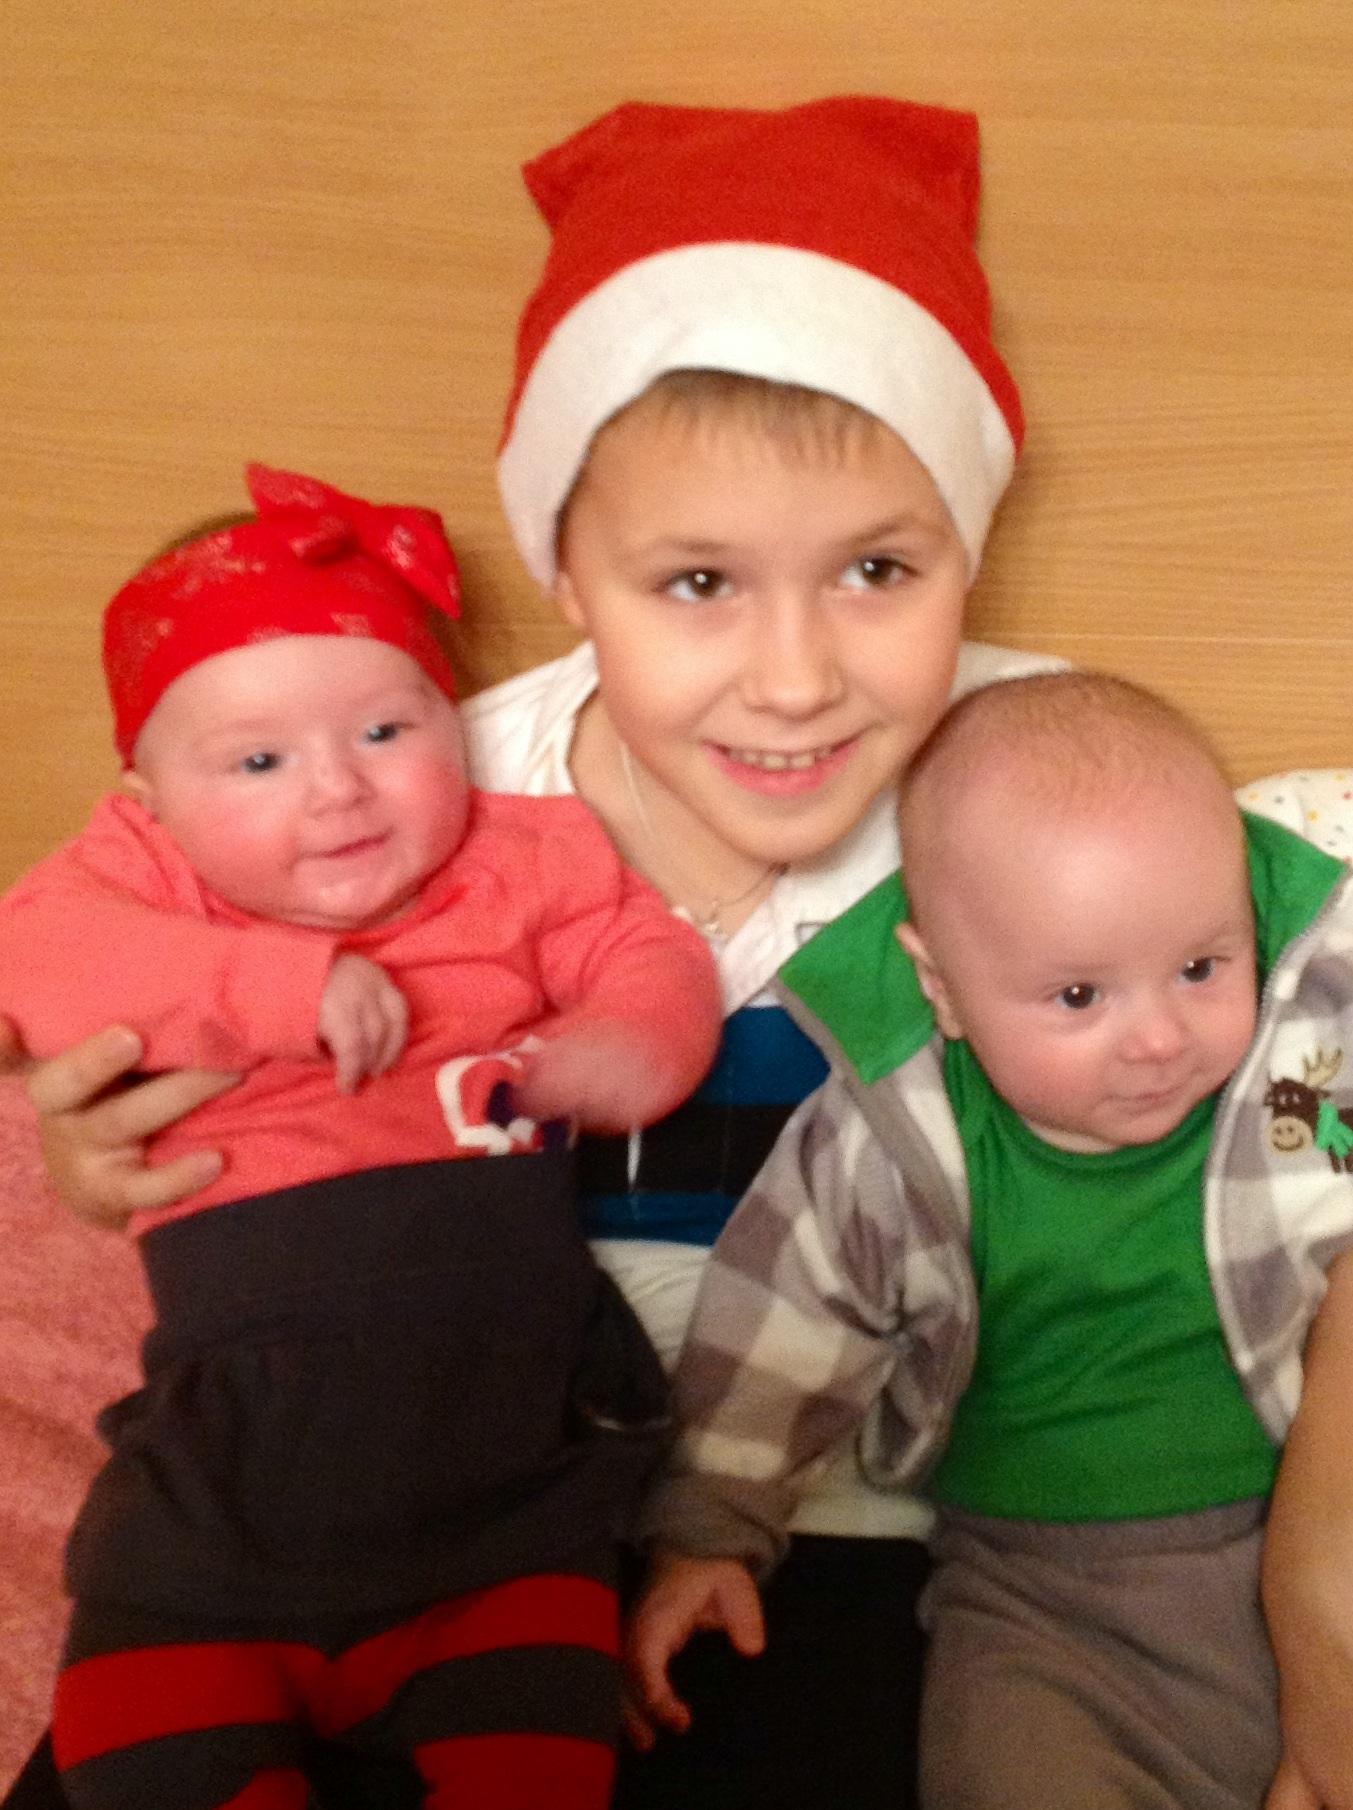 Двойняшки - лучший подарочек нашей семье:)). Мамина радость: лучший мой подарочек - это...